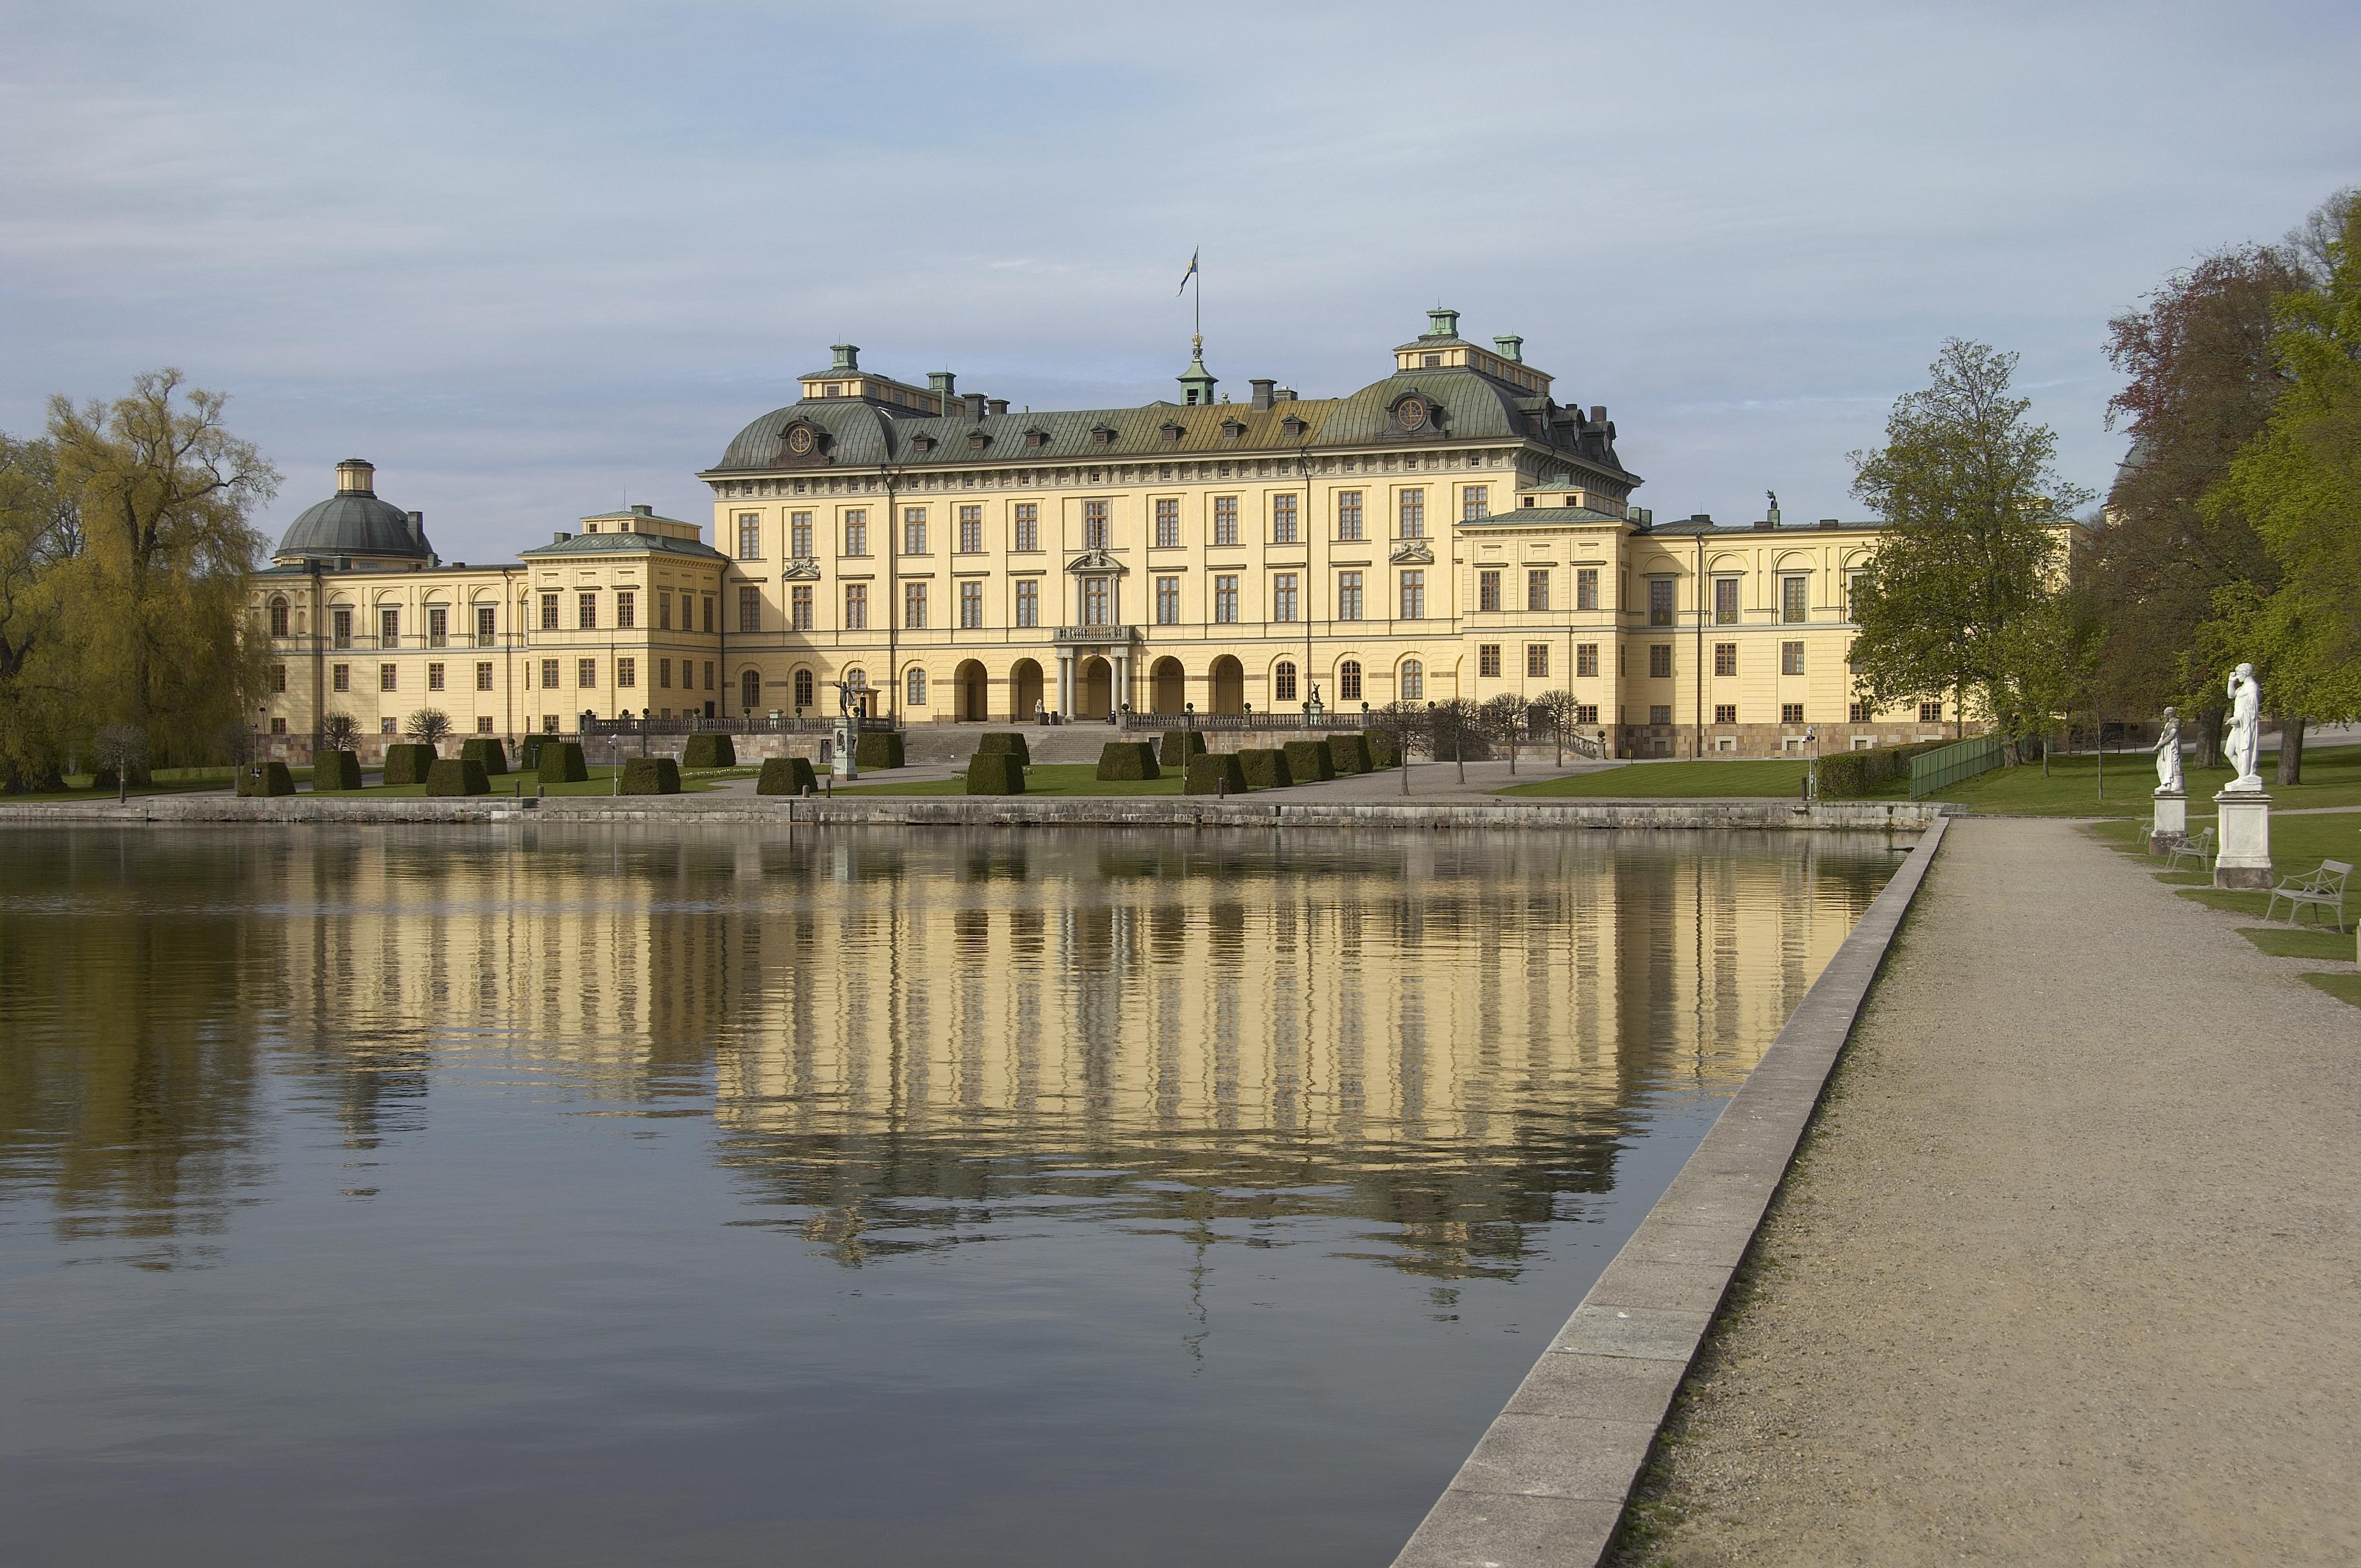 Drottningholms slott sett utifrån med damm i förgrunden.